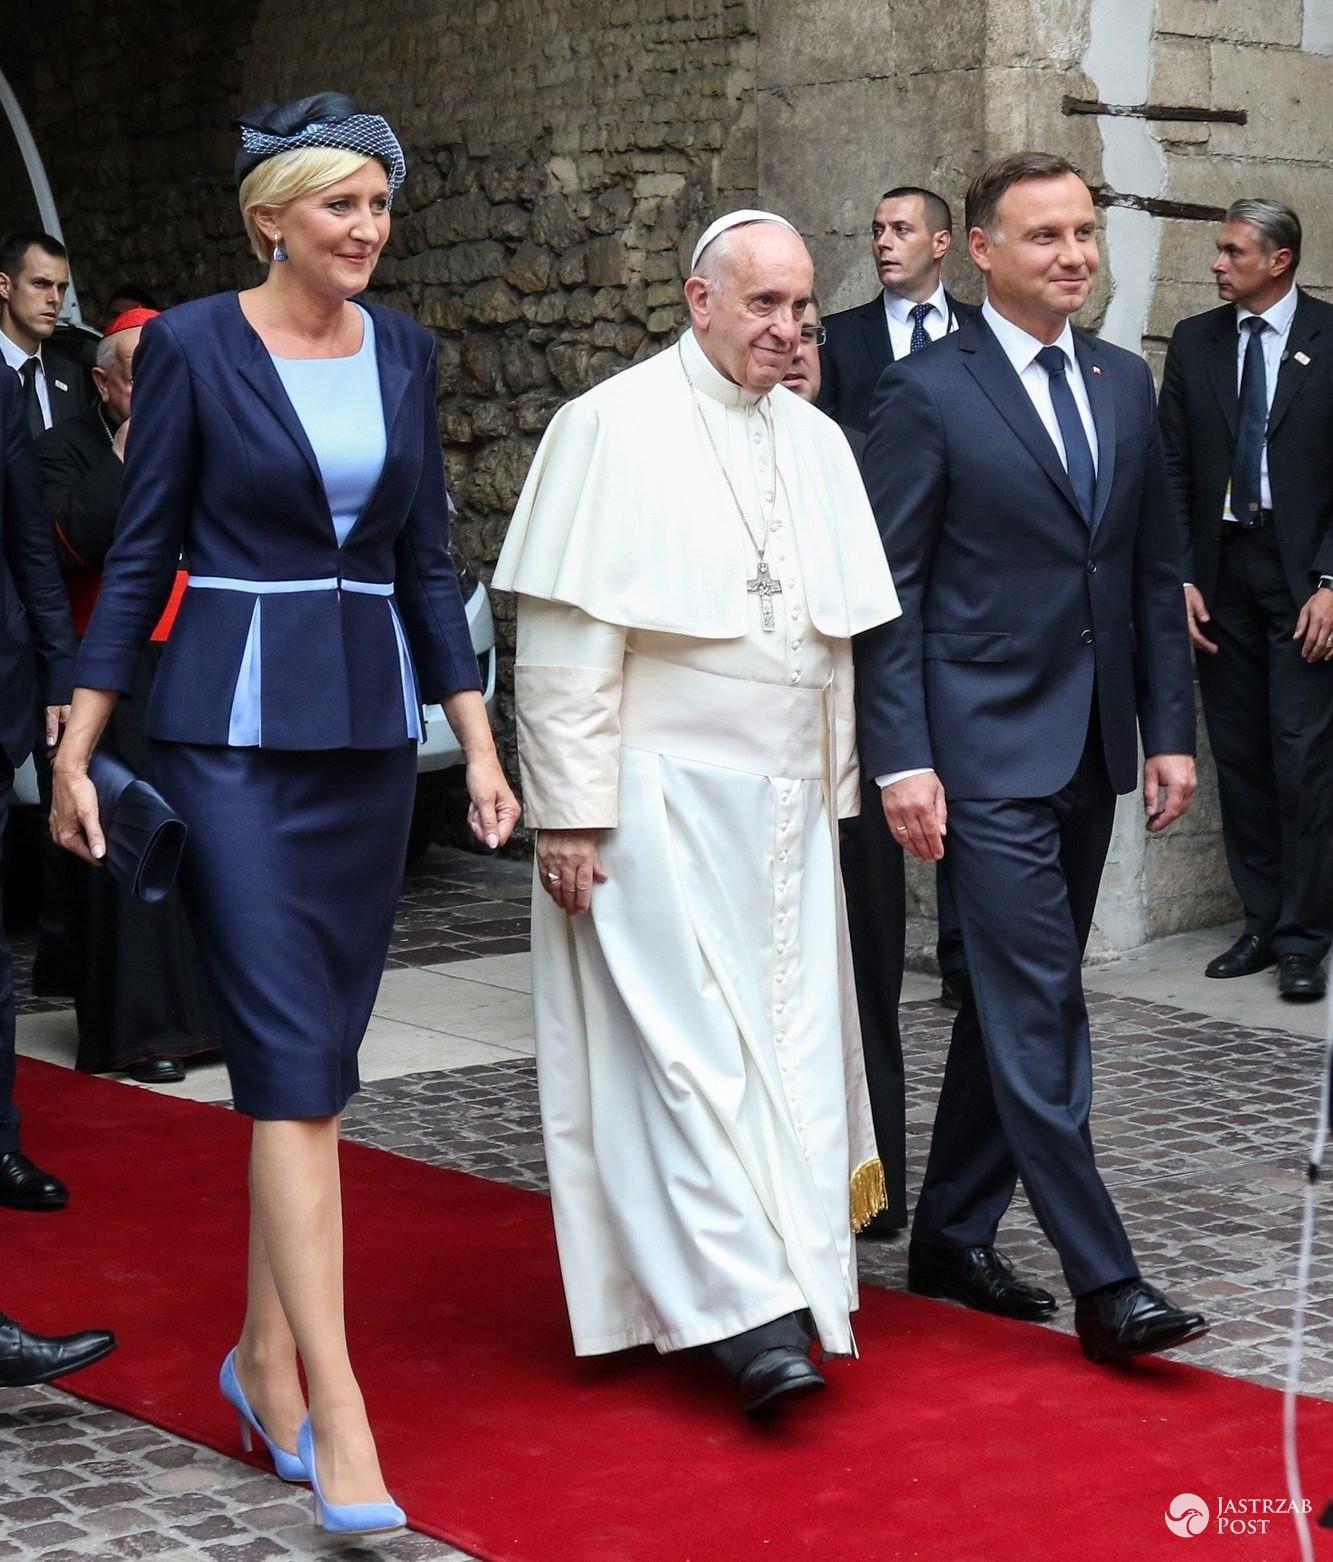 Papież Franciszek mówi po polsku wideo 2016 fot East News